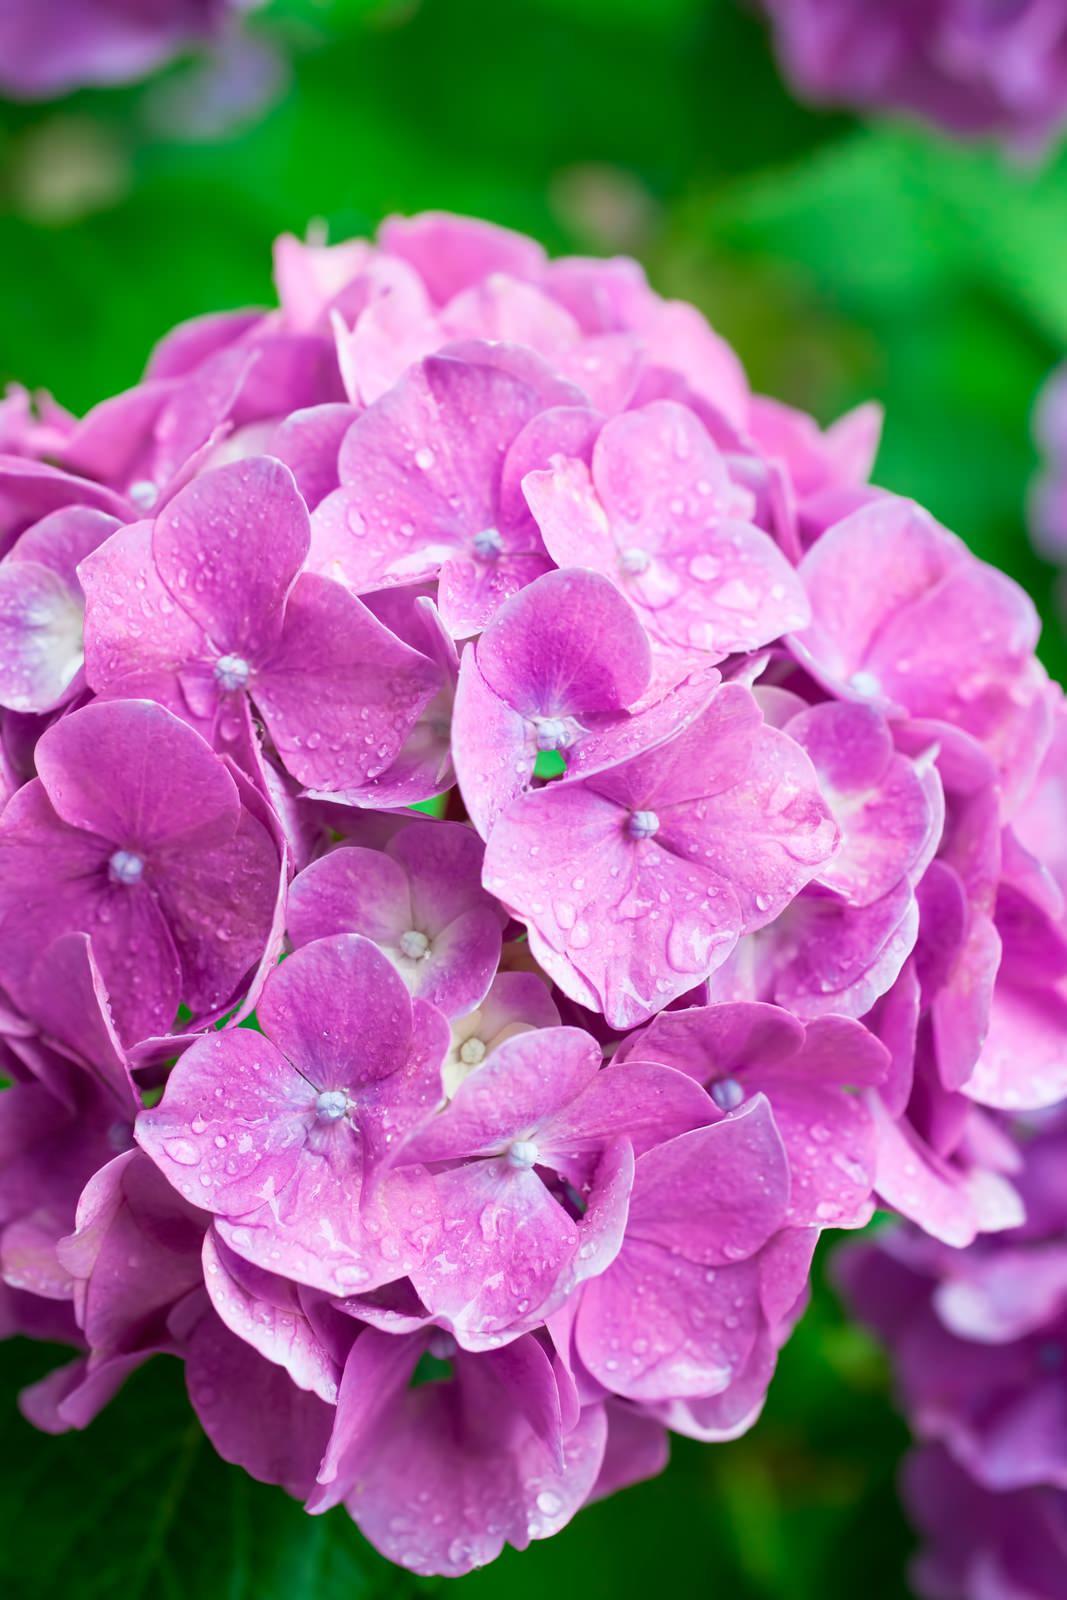 濡れたピンクの紫陽花濡れたピンクの紫陽花